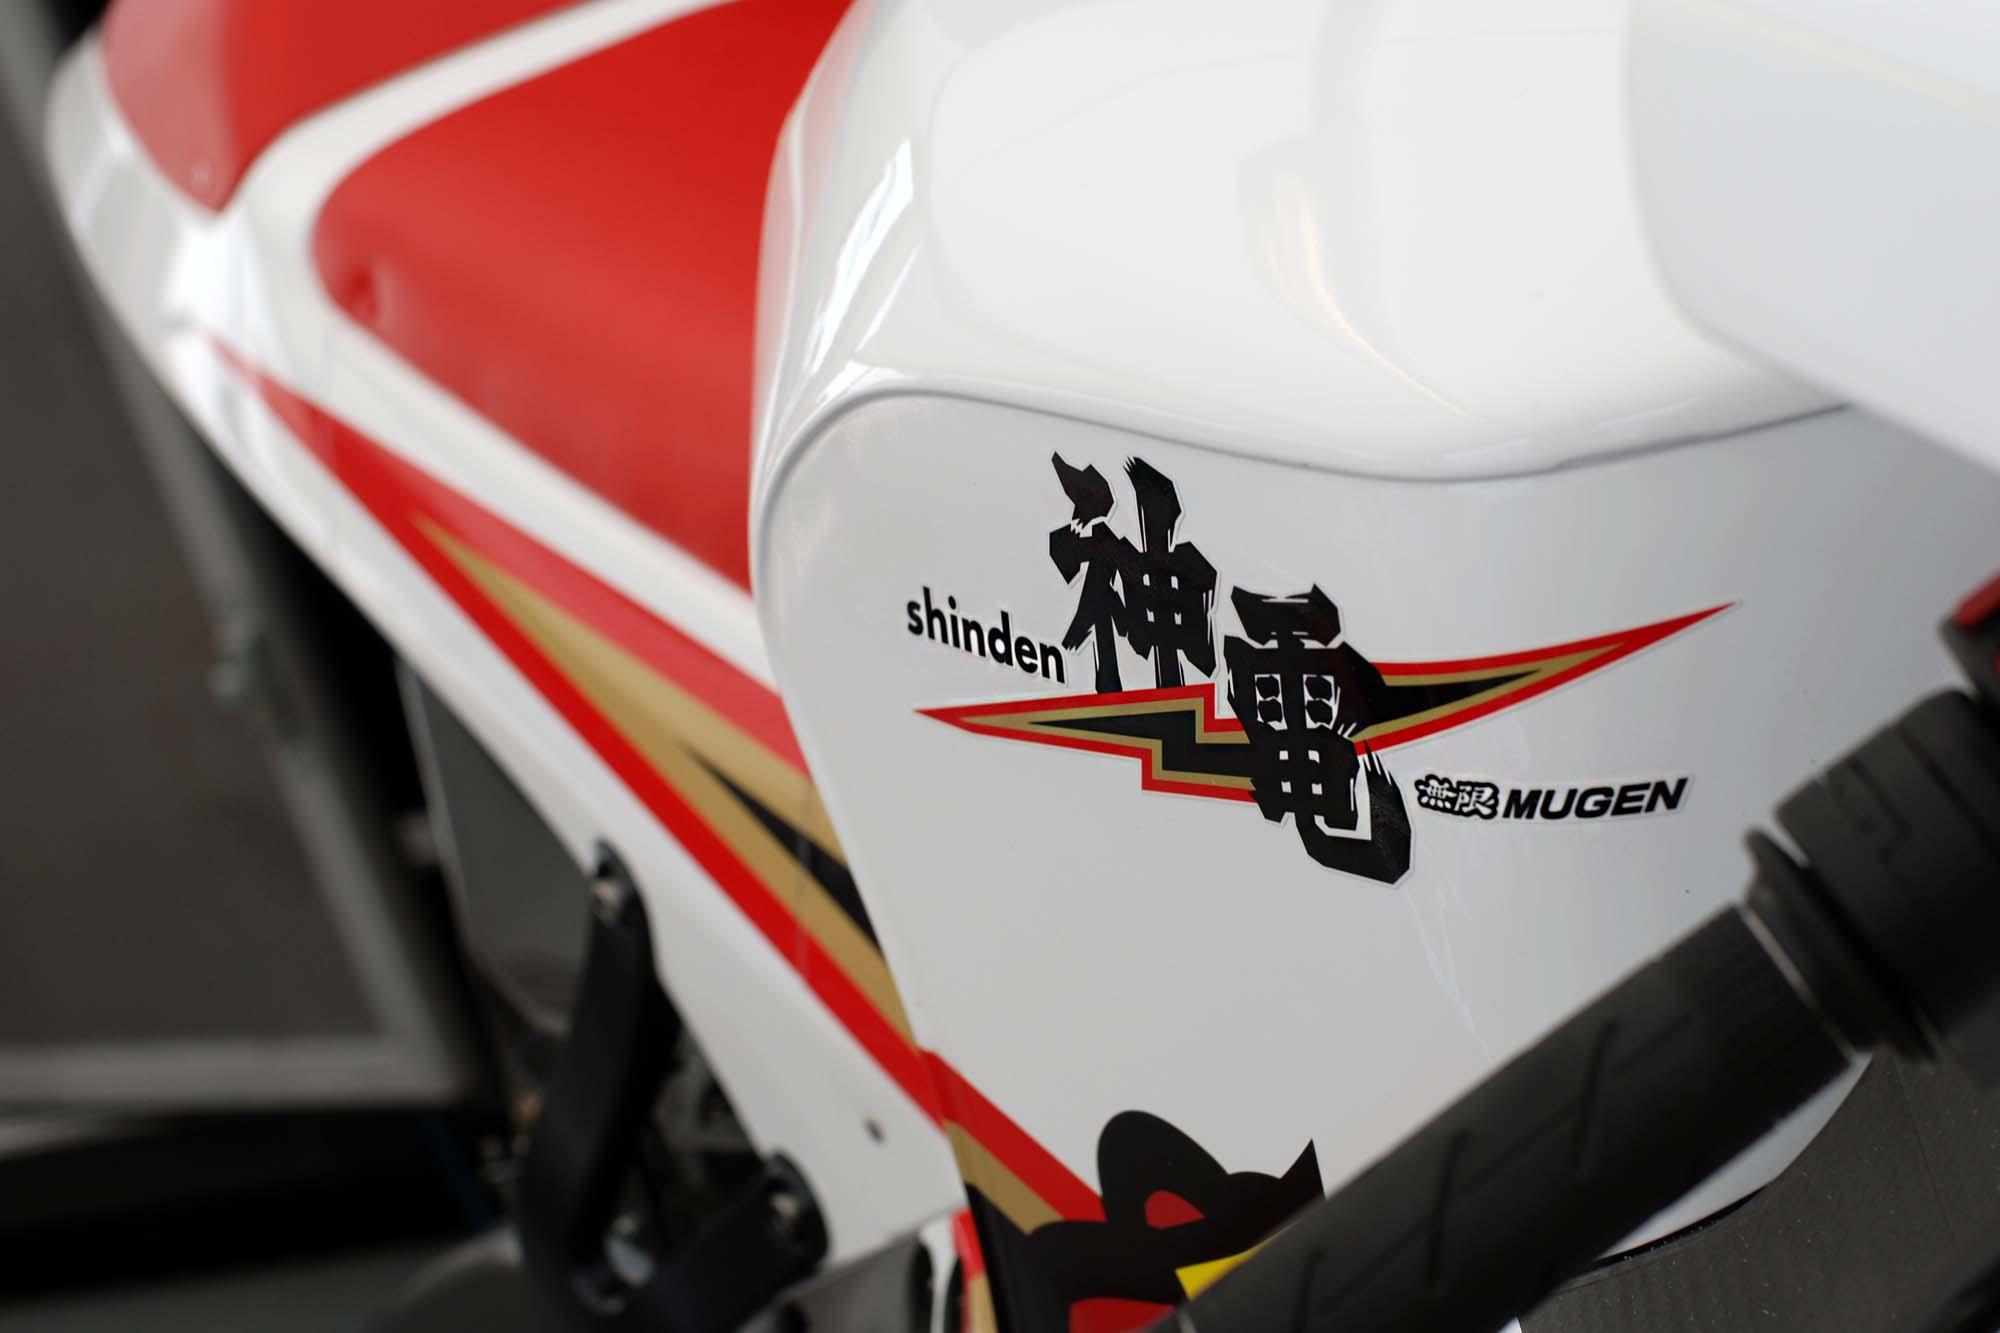 TT Ile de Man Mugen-shinden-tt-zero-23